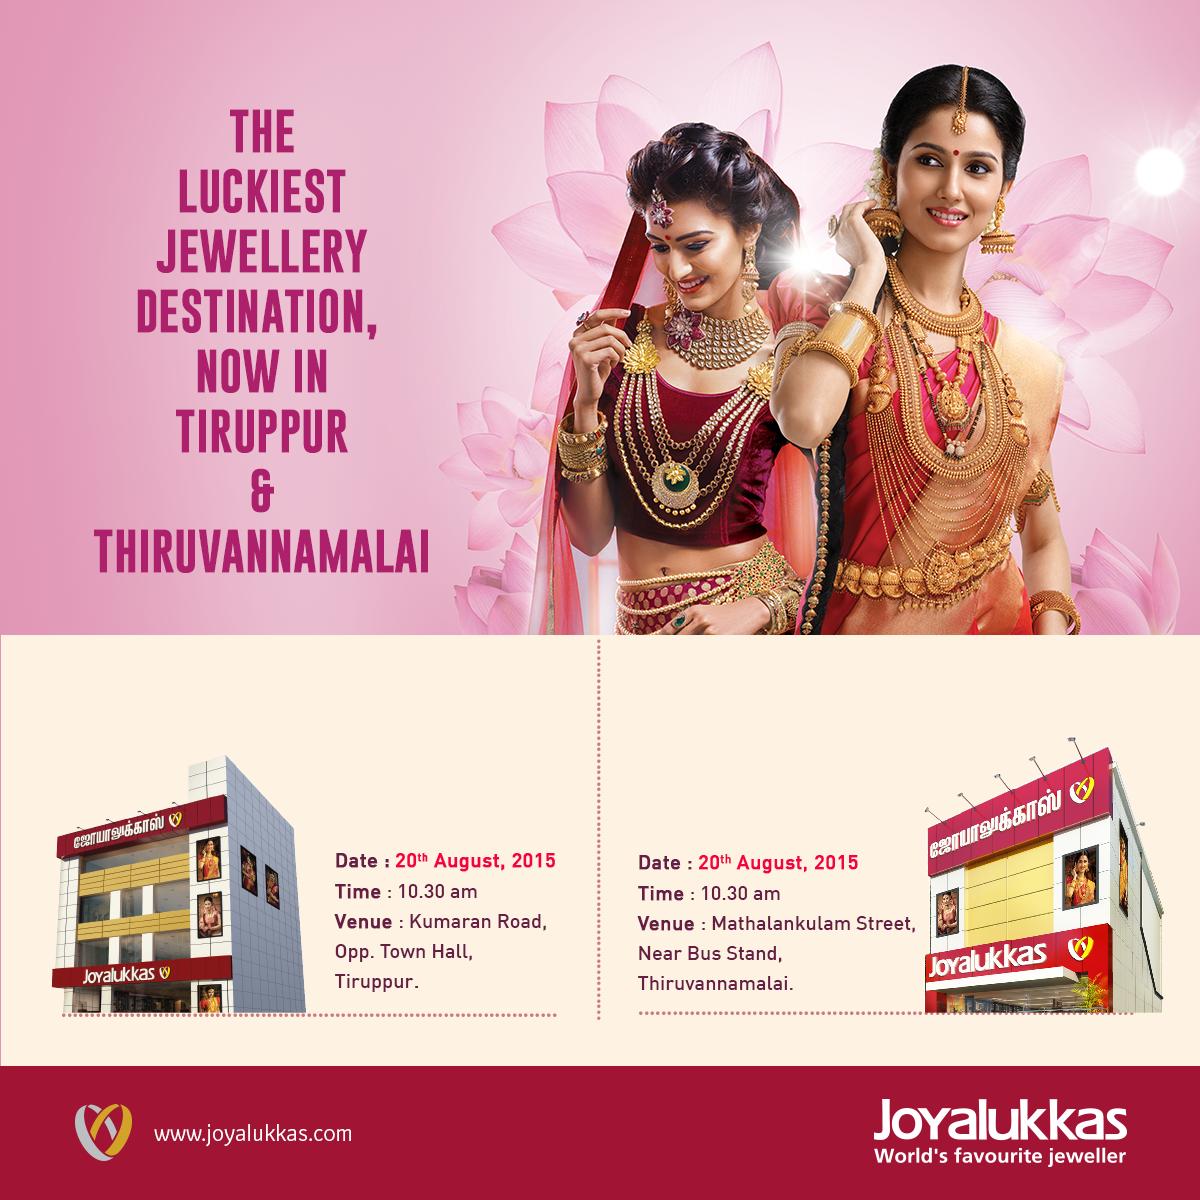 The Luckiest jewellery destination now in Tiruppur & Thiruvannamalai ...